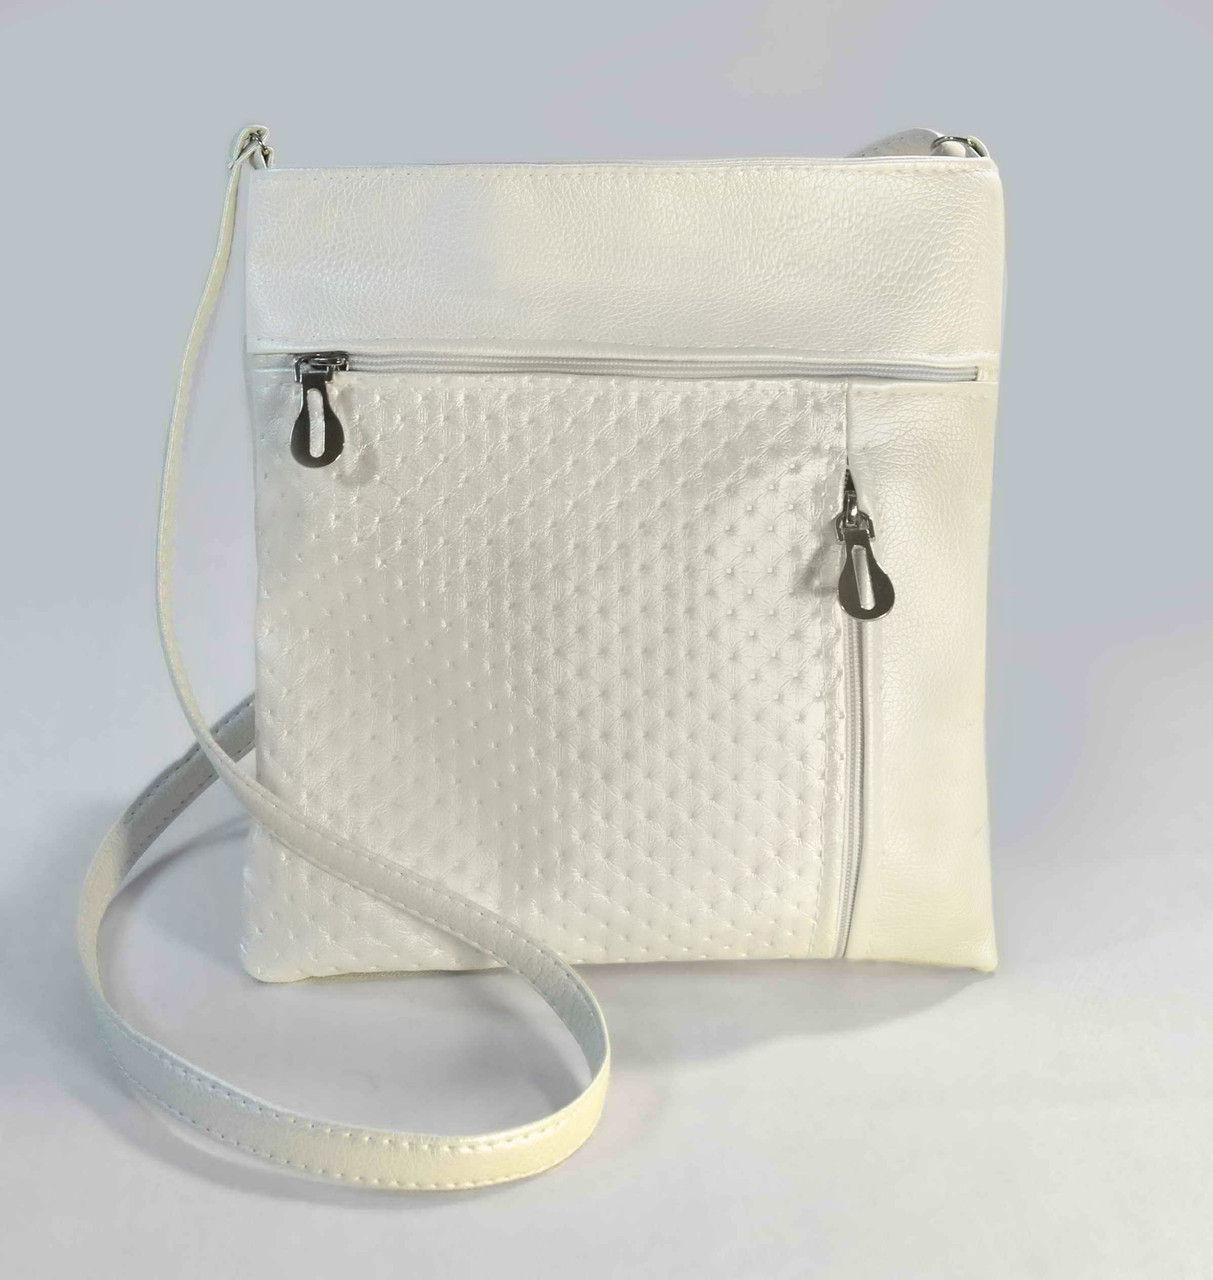 b835d6401248 Женская сумка-планшет